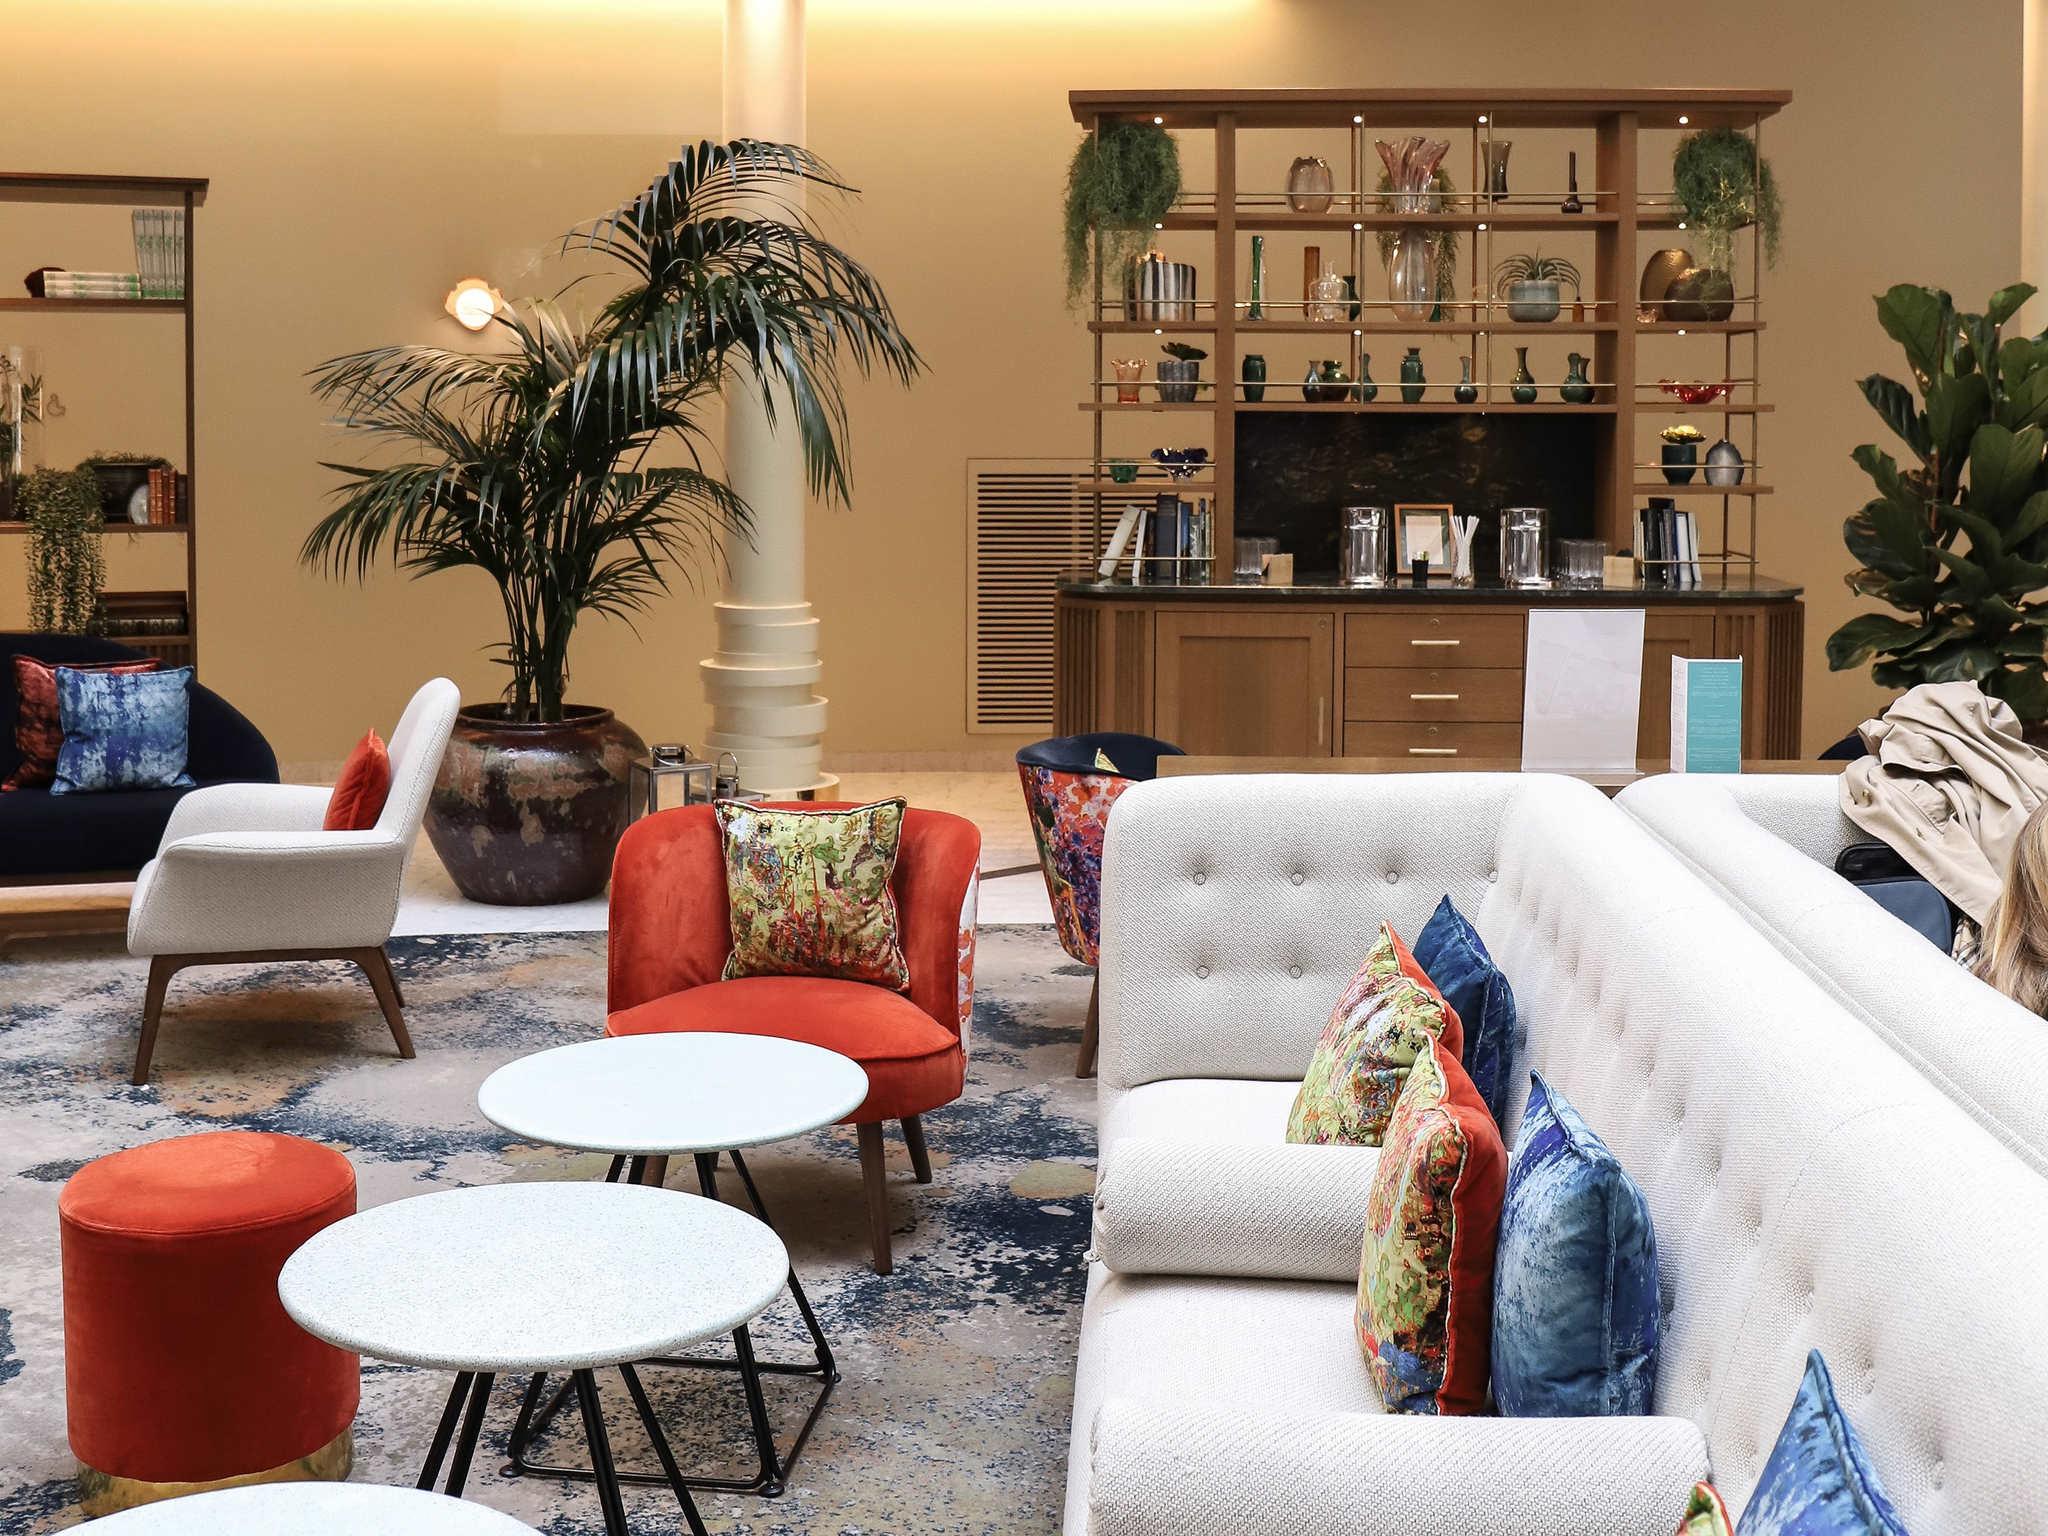 โรงแรม – โซฟิเทล บรัสเซลส์ ยุโรป